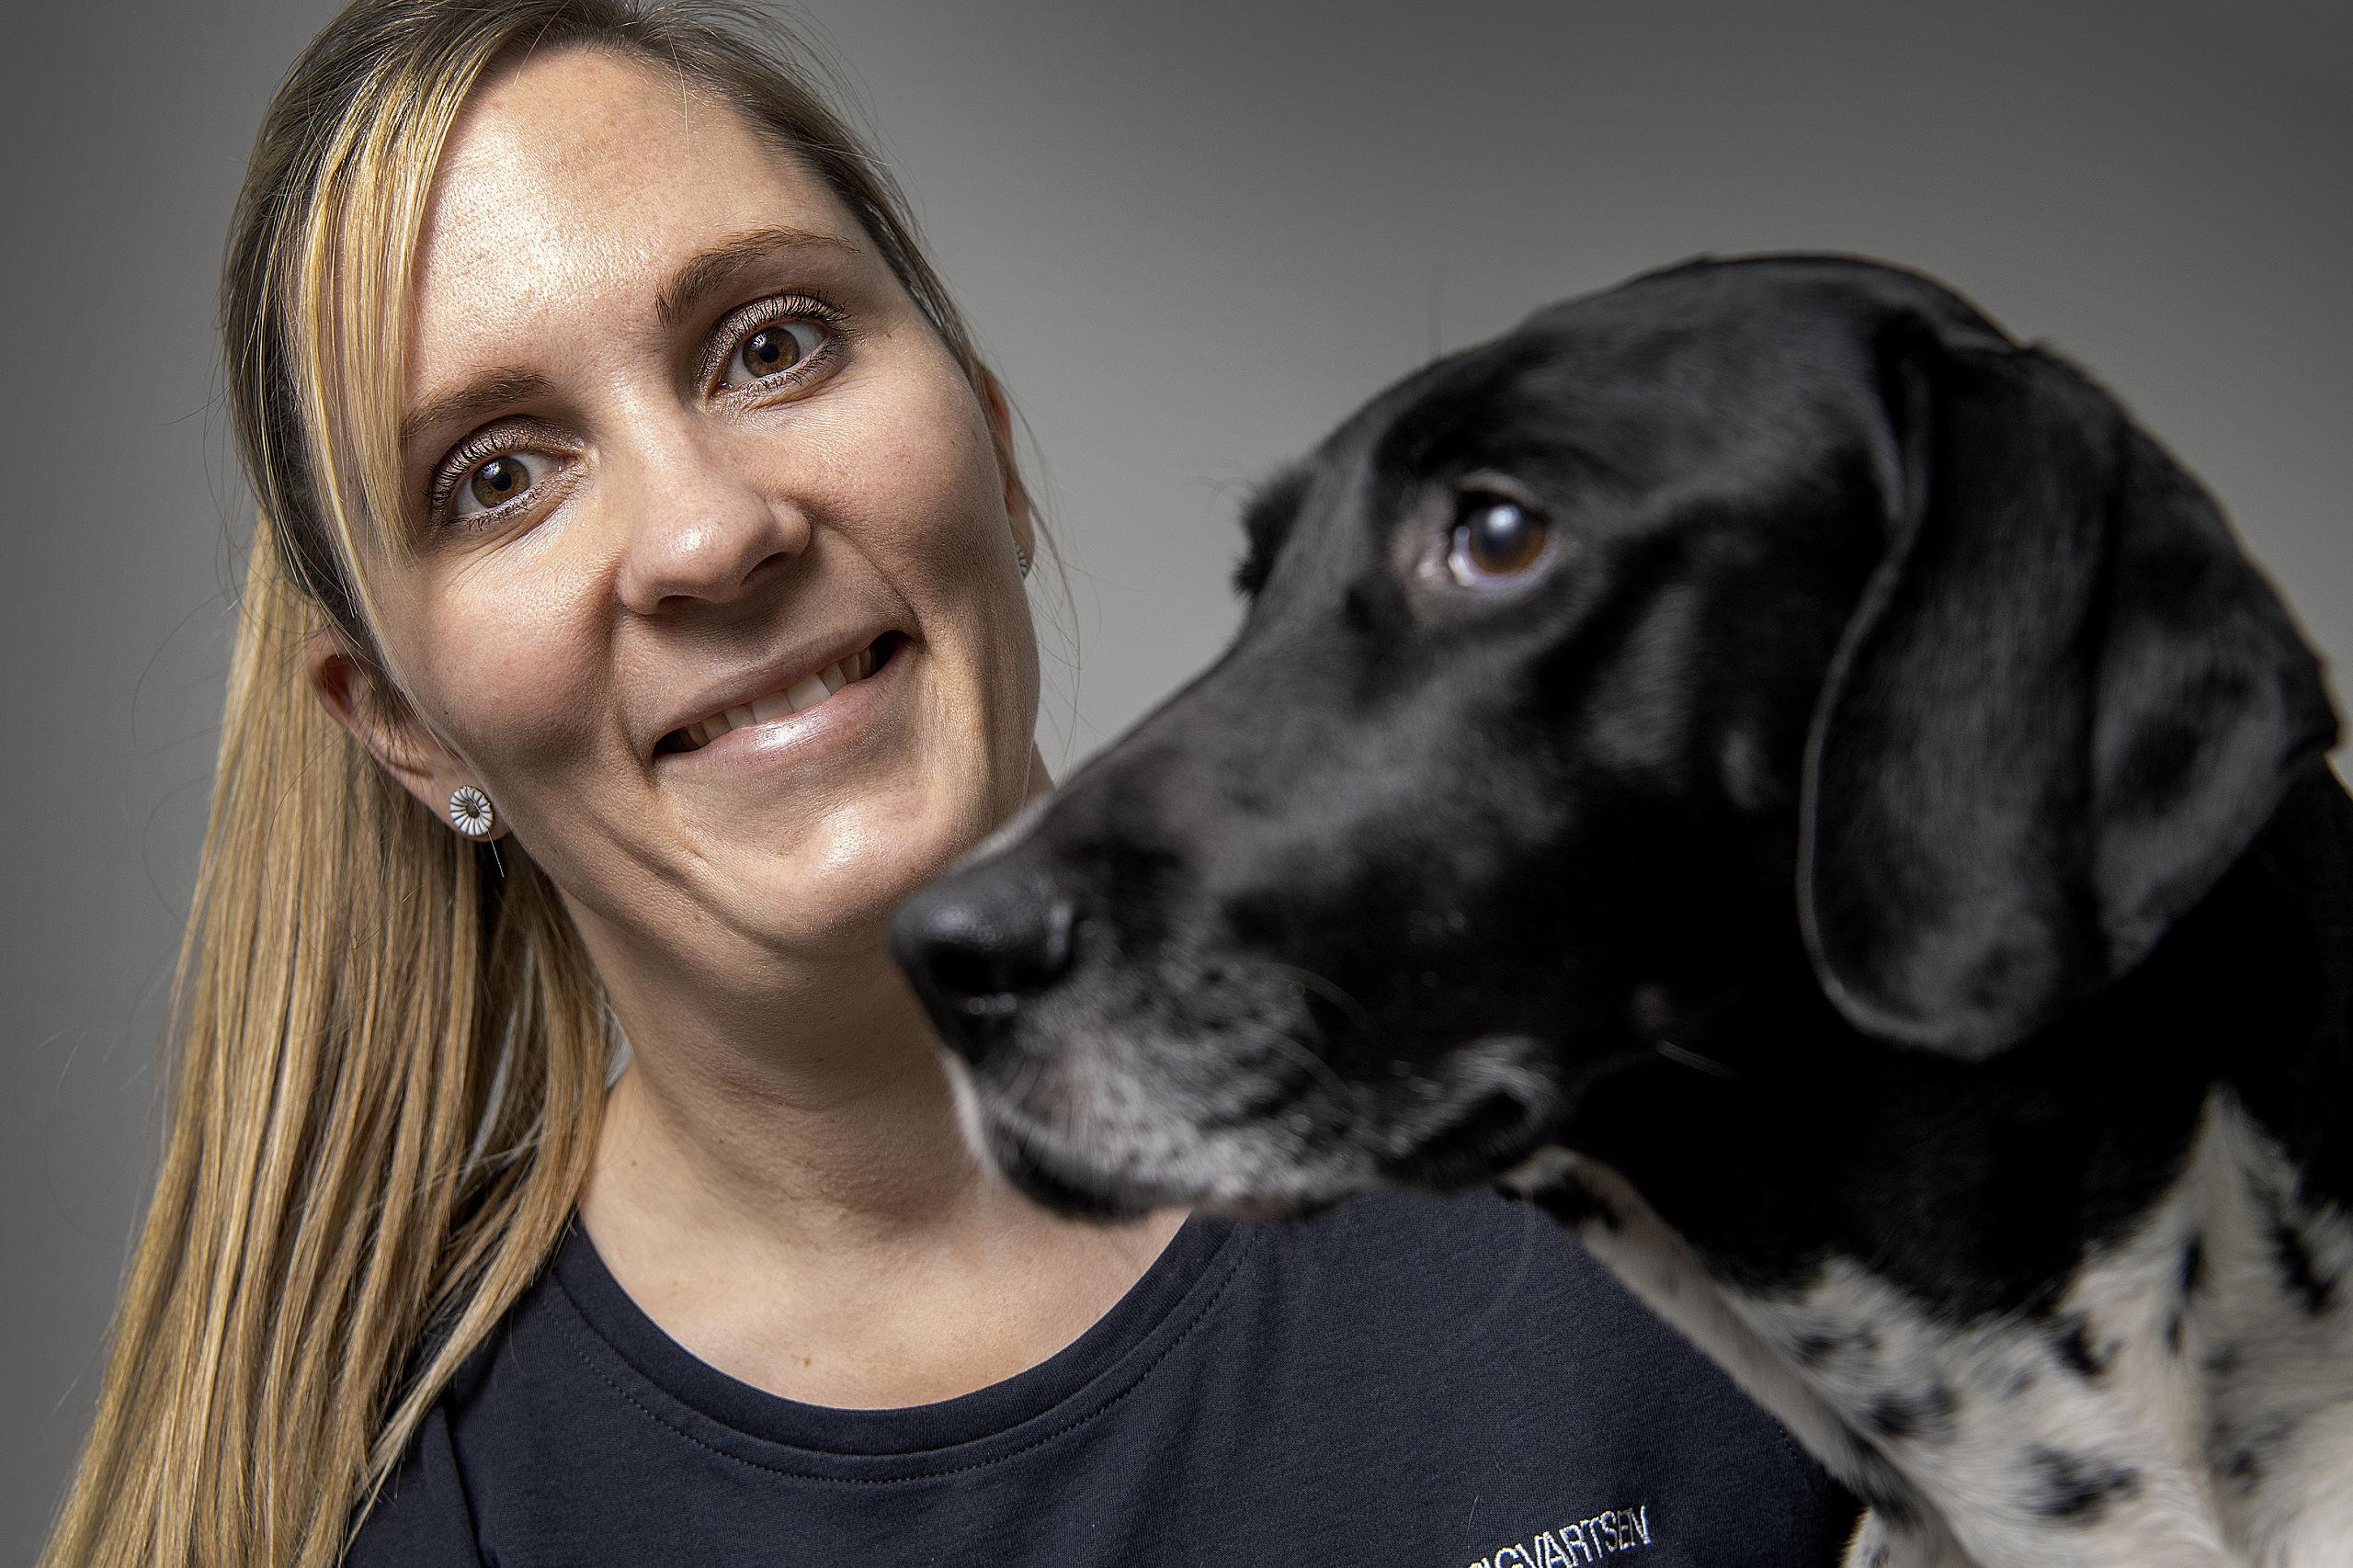 Louise reddede døende hvalp: Hun elsker sine patienter